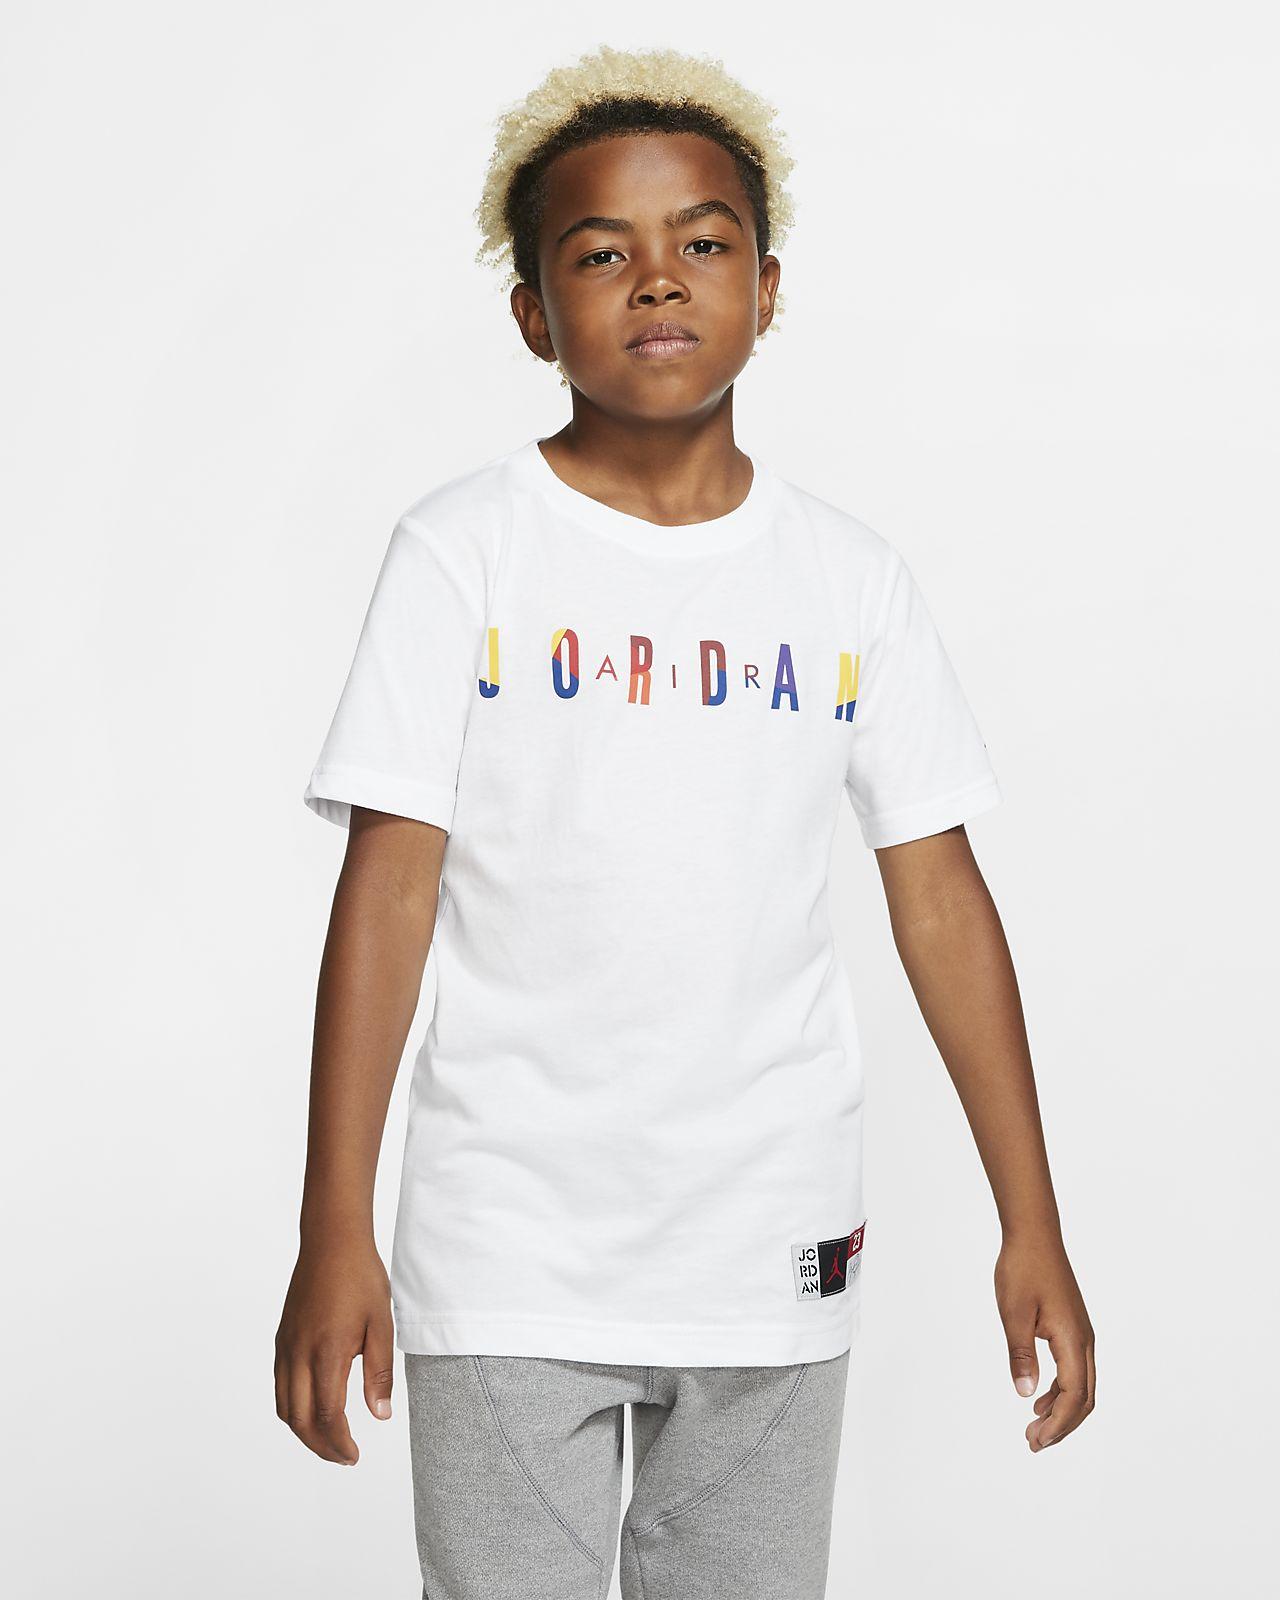 Air Jordan 大童(男孩)短袖T恤